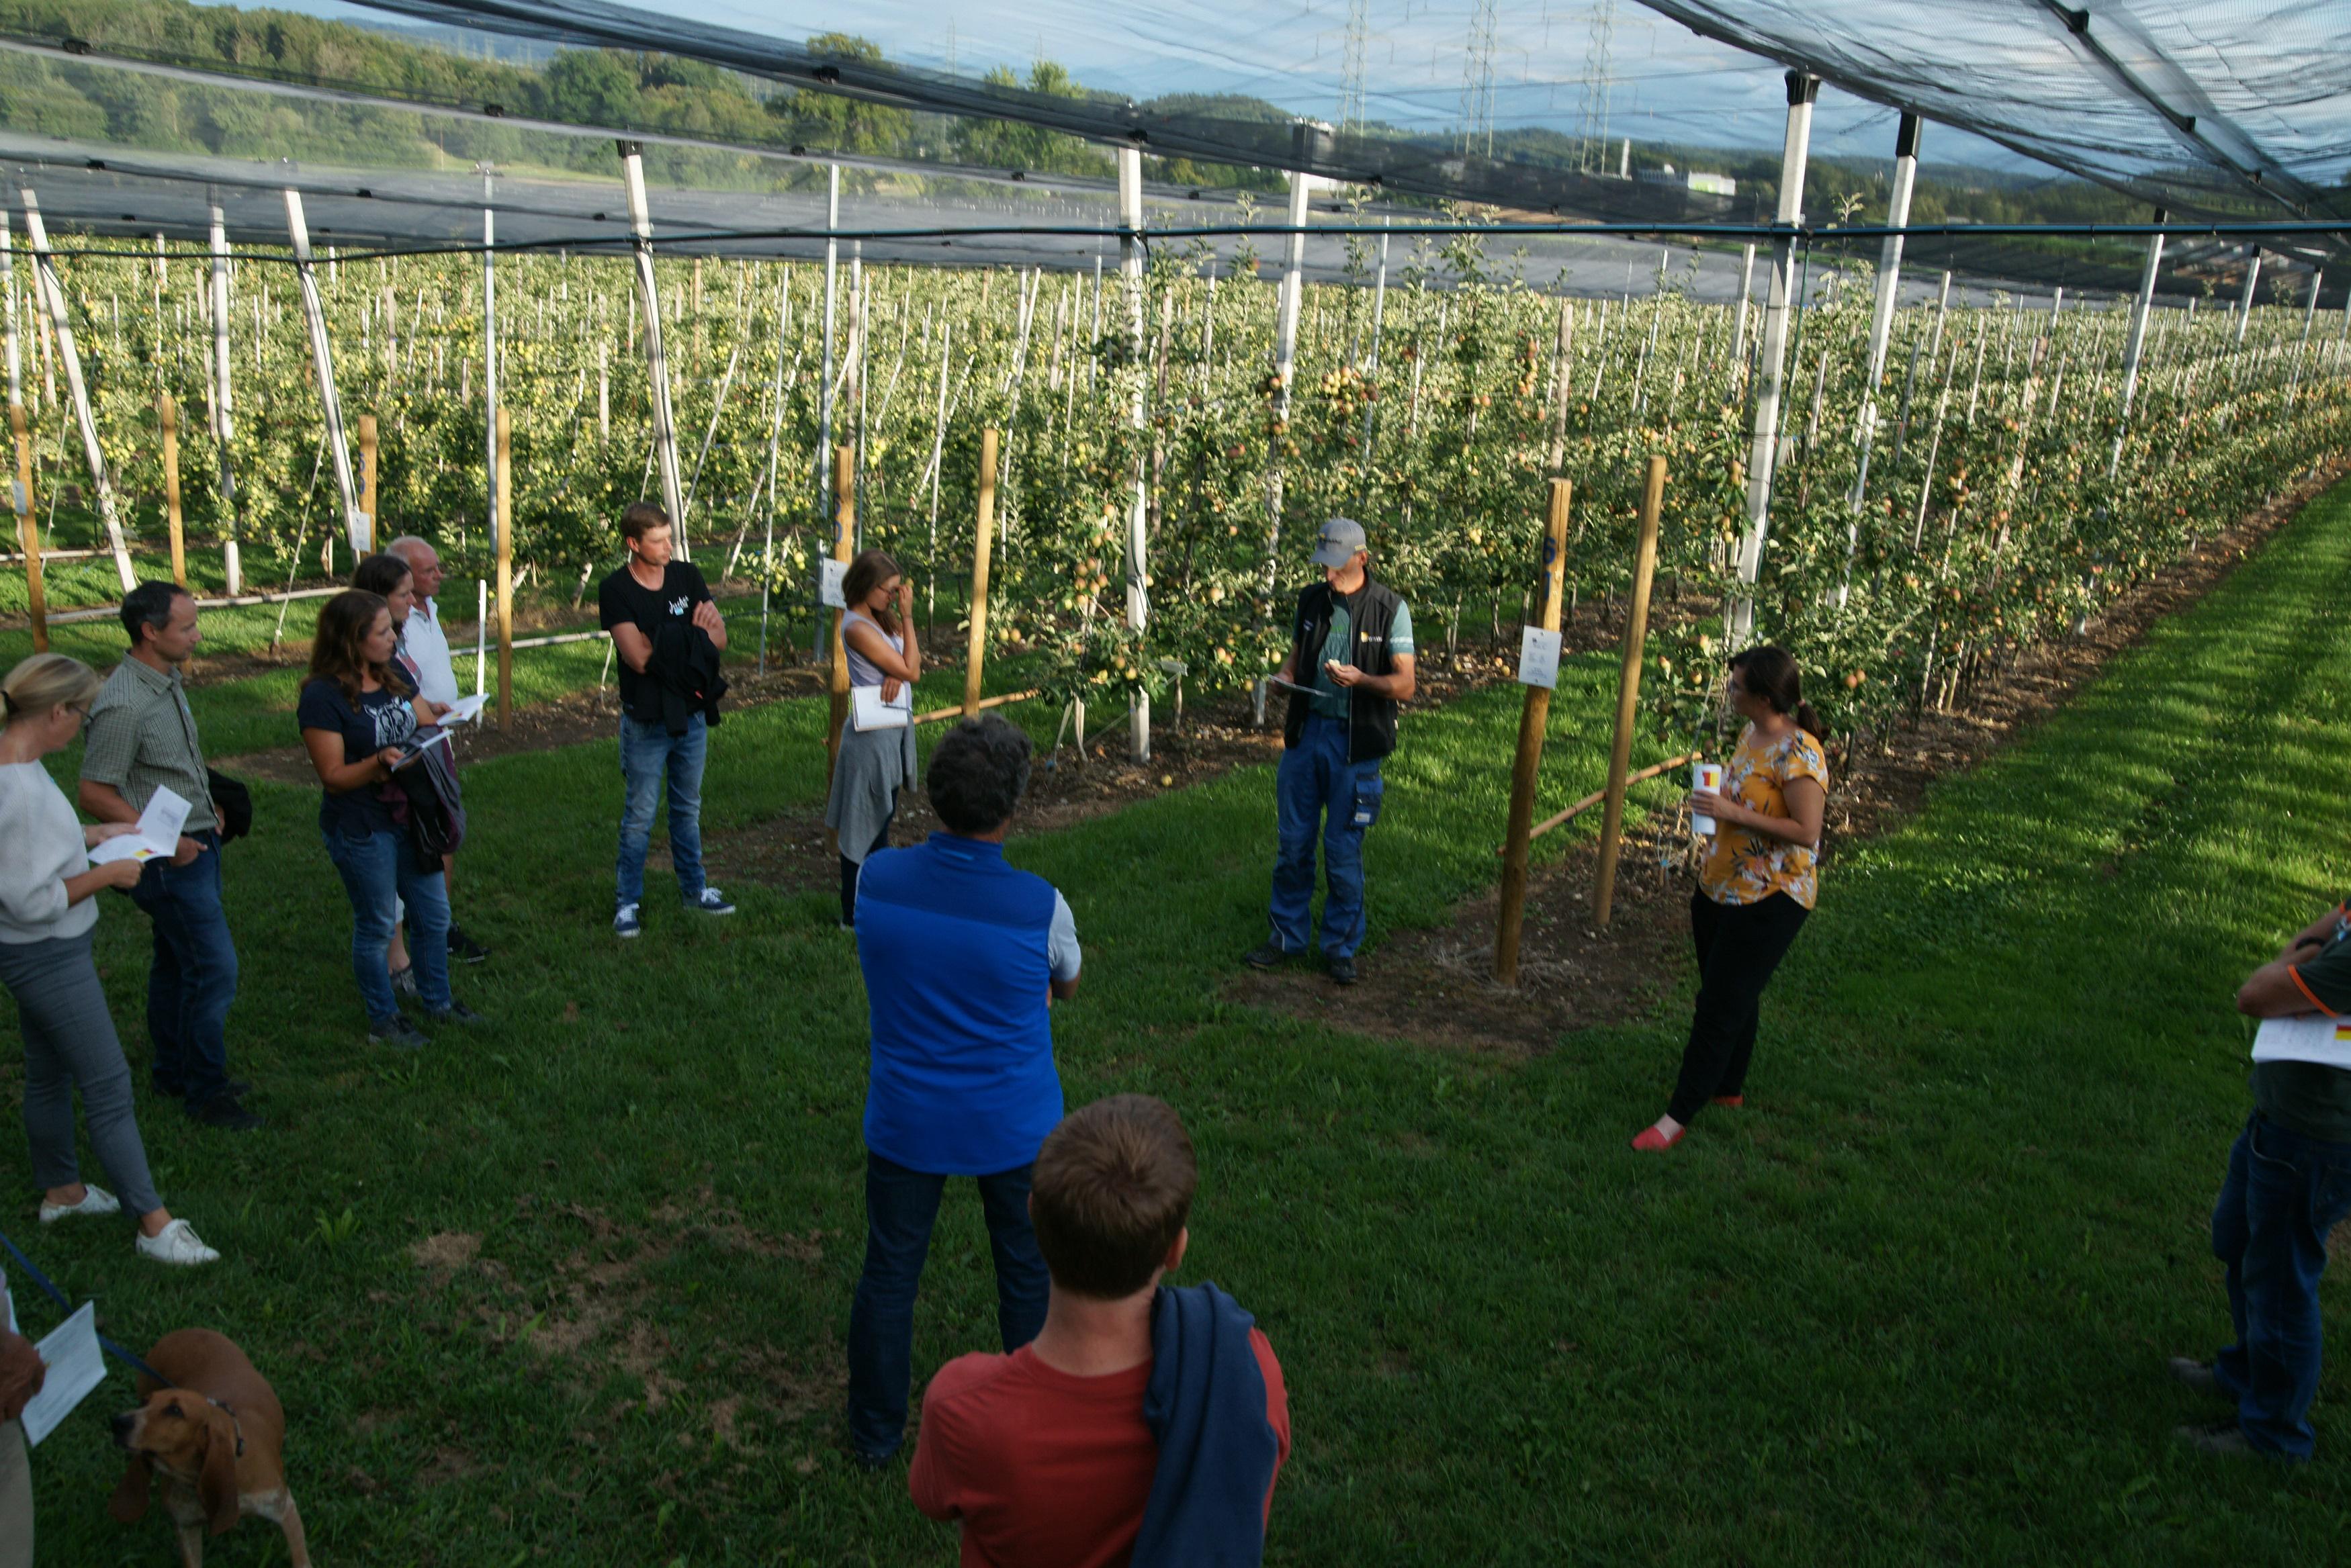 Der Strickhof Obstbau ist speziell als Ausbildungs- und Versuchsbetrieb ausgelegt. Andreas Klöppel, Betriebsleiter Obstbau, sowie Sarah Perren während der Führung an der Obst-Sommertagung 2020